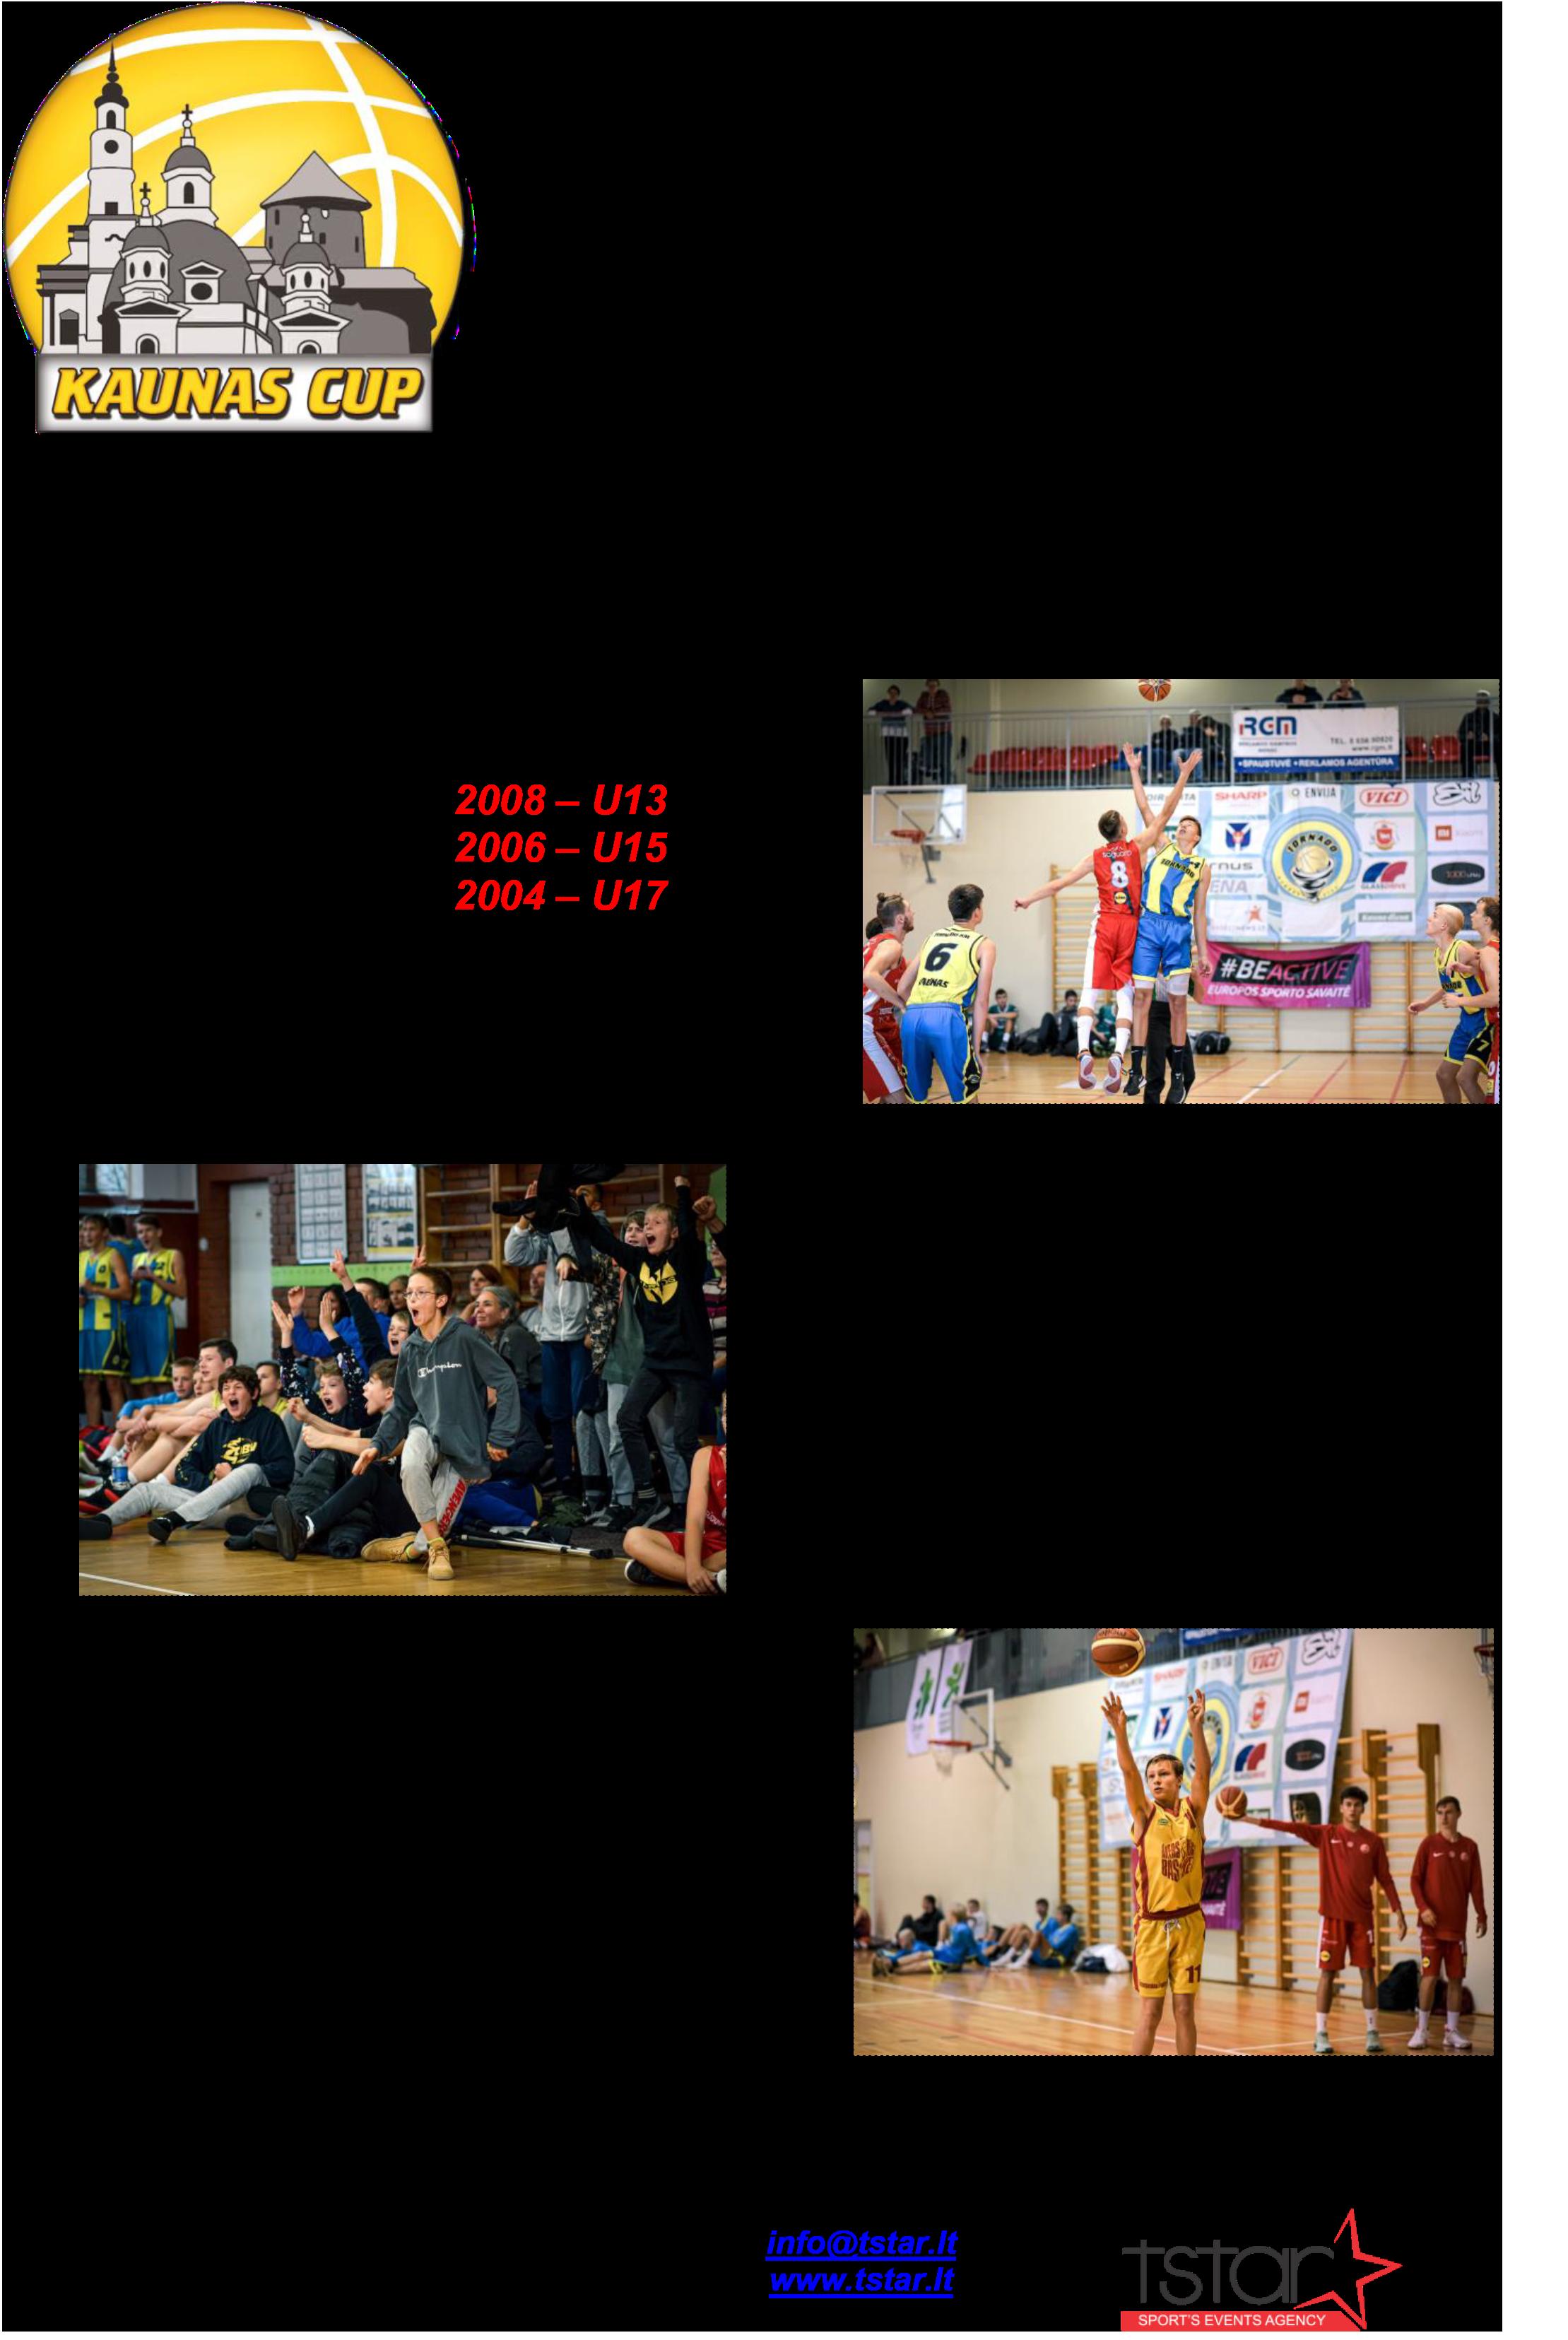 invitation_KaunasCup 2020 EN-1